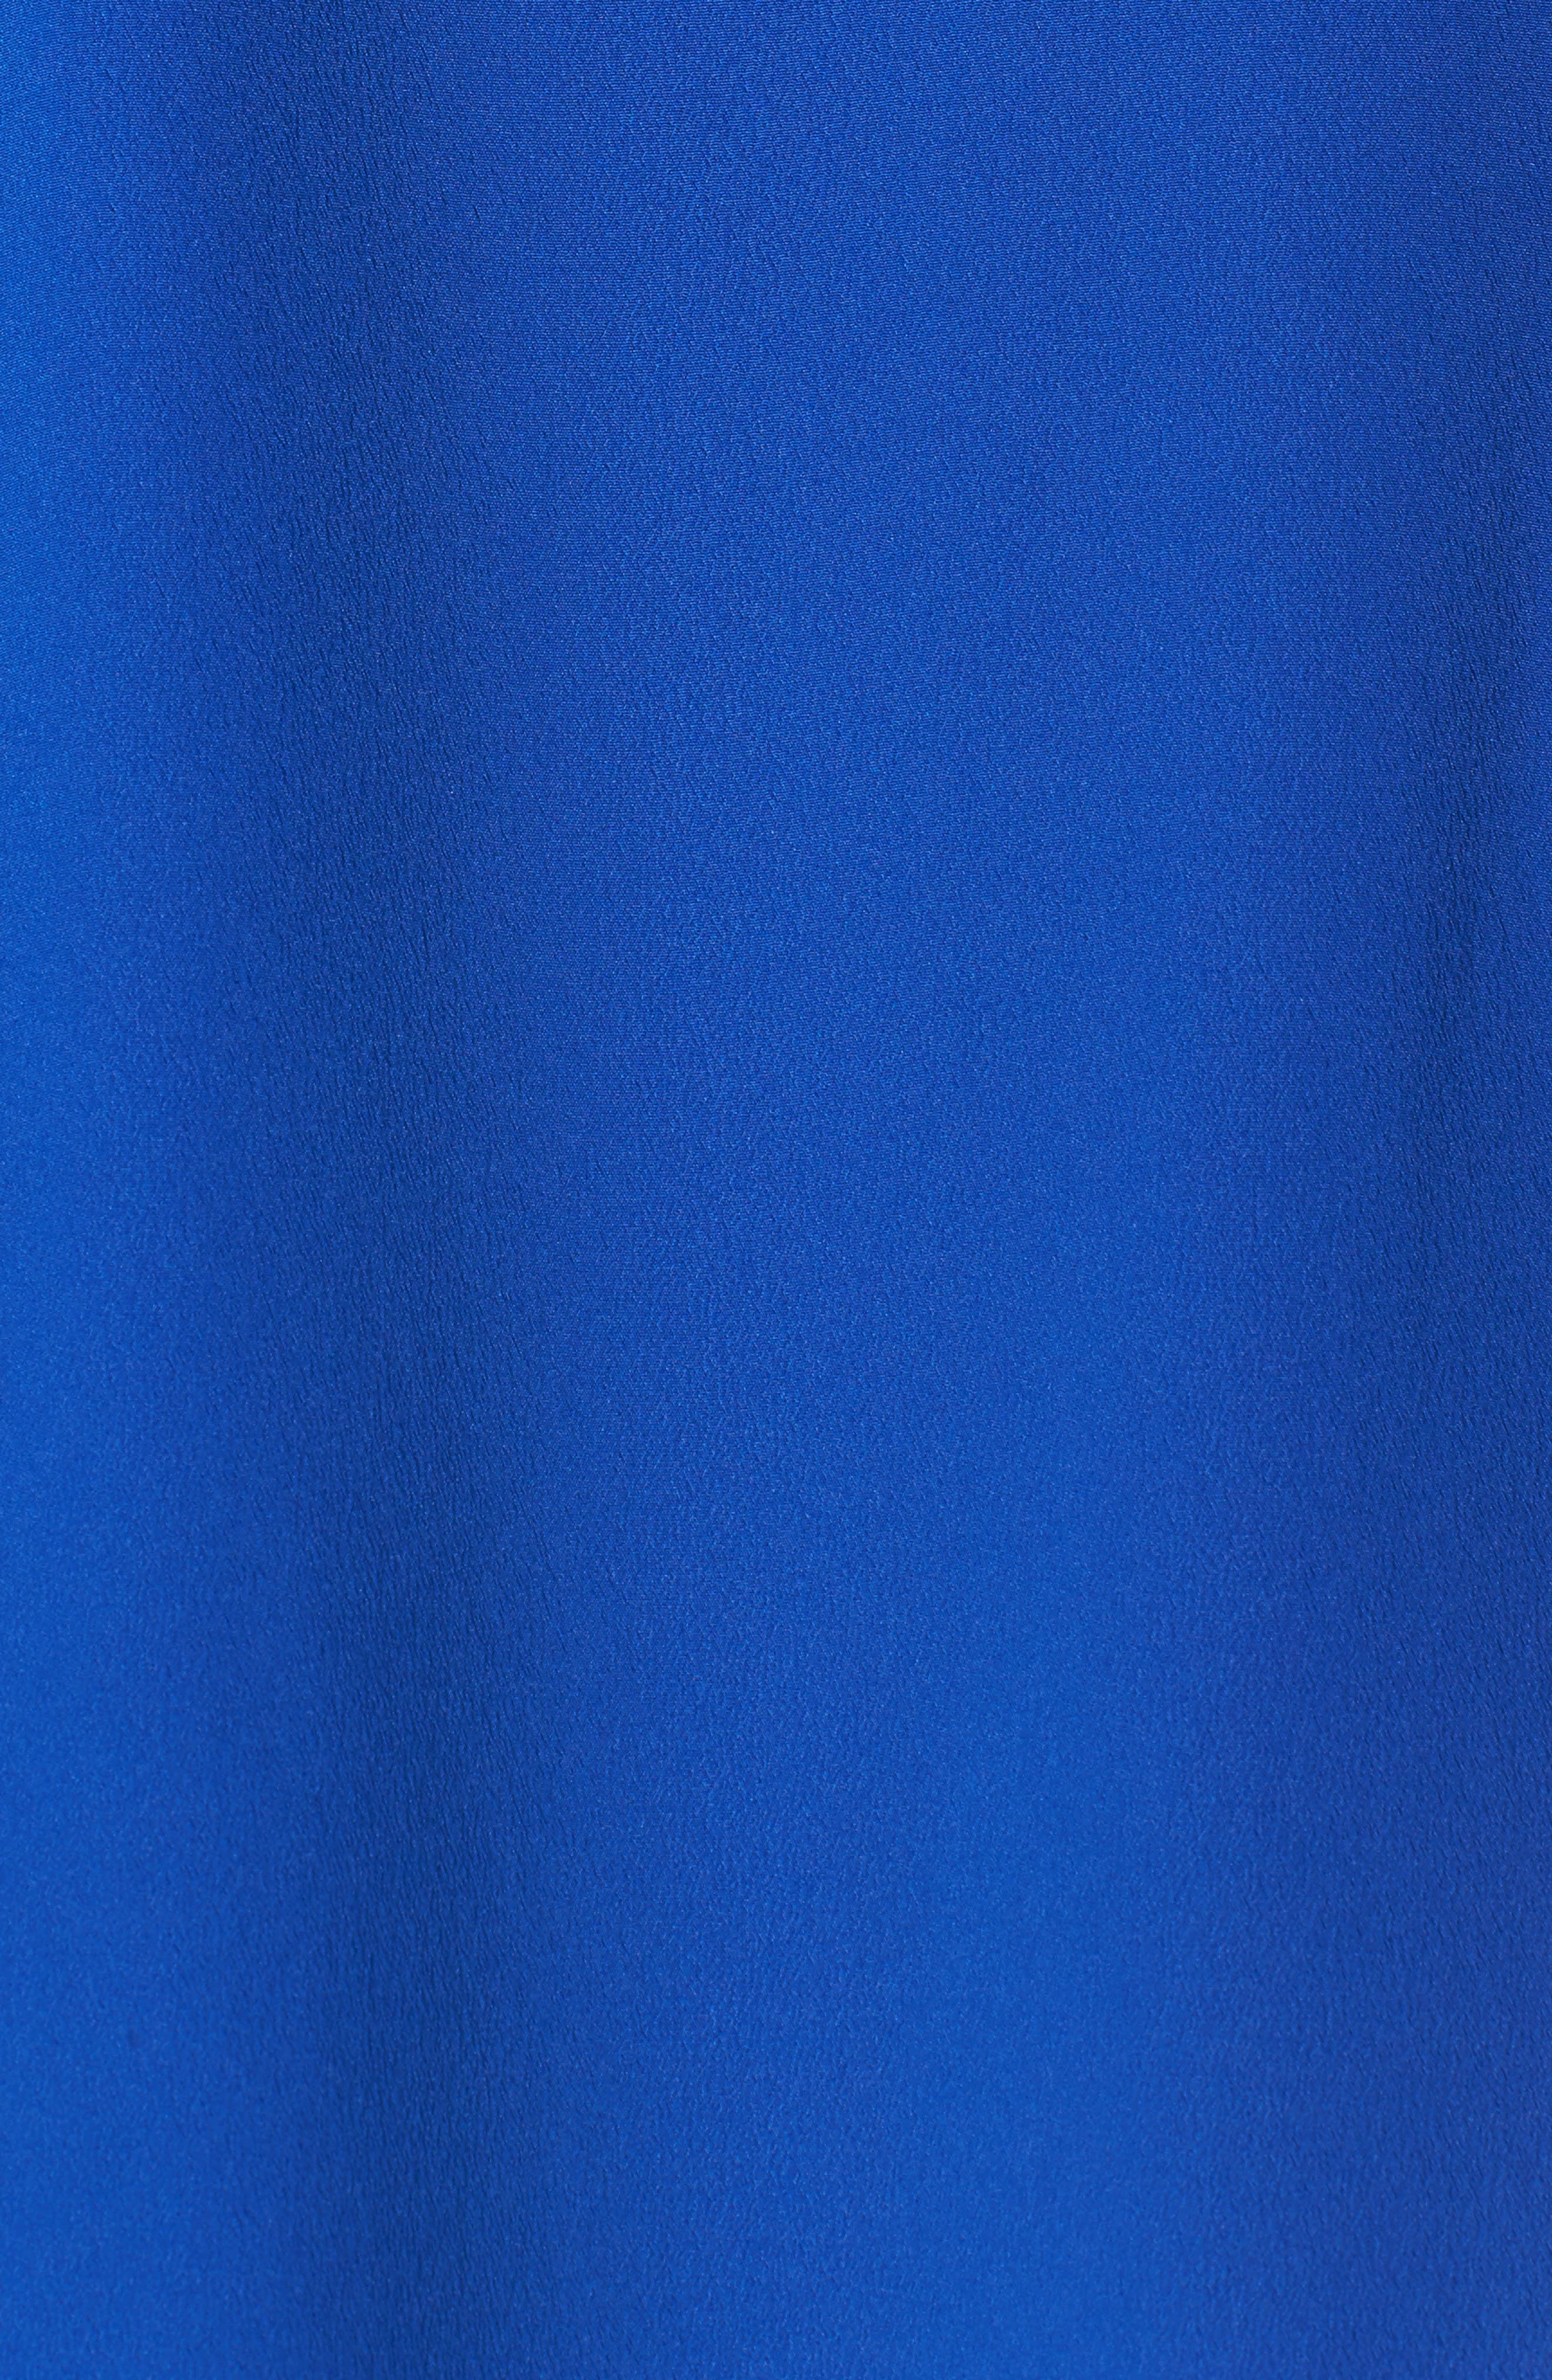 Off the Shoulder Obi Dress,                             Alternate thumbnail 6, color,                             COBALT